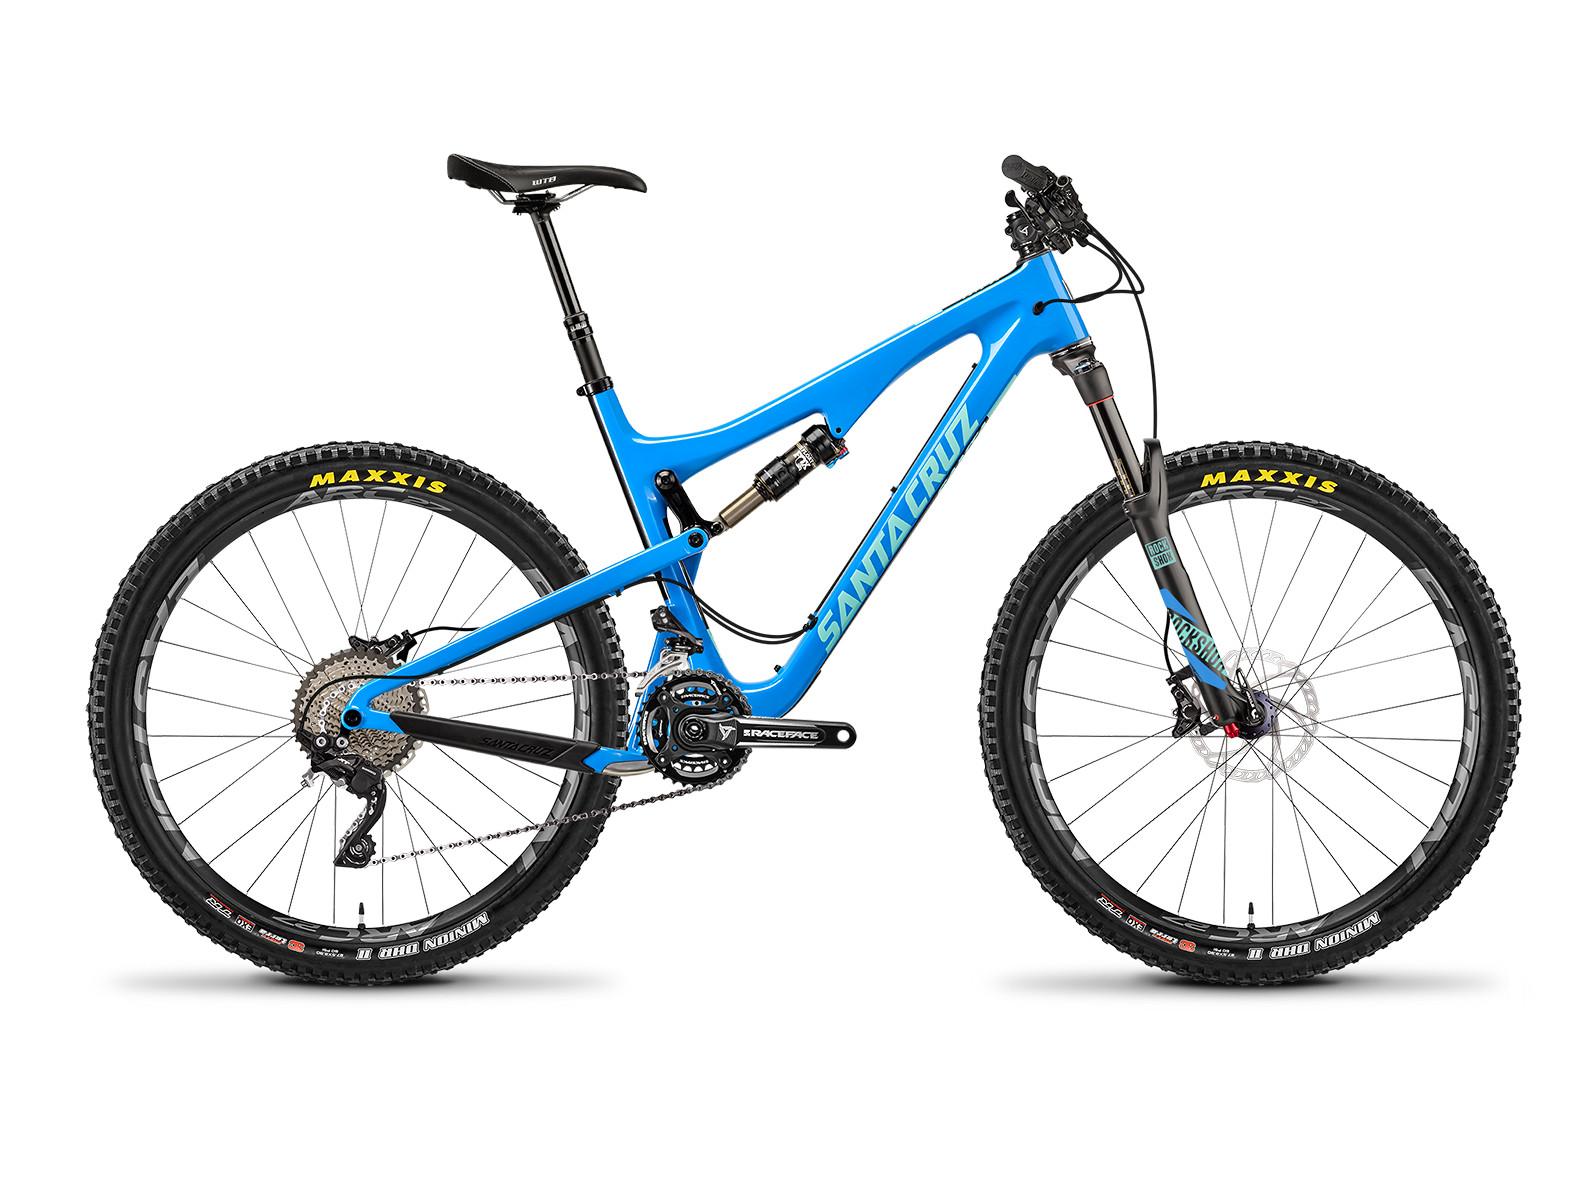 2016 santa cruz 5010 carbon cc xt bike reviews parisons specs Steam Mule my16 5 5010 xt blue